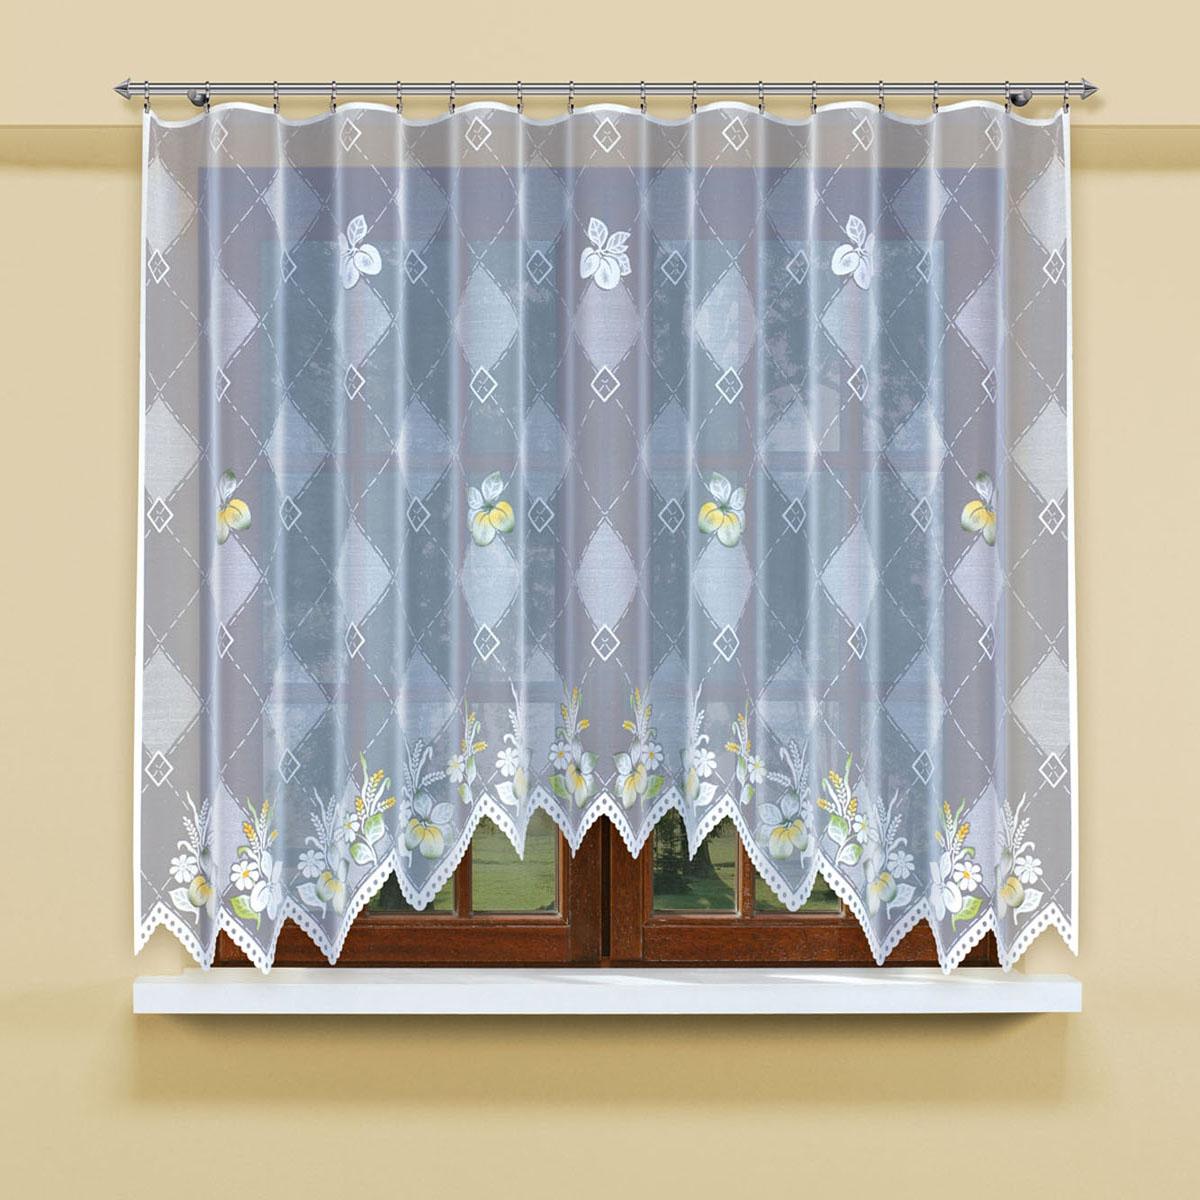 Гардина Haft, цвет: белый, ширина 300 см, высота 160 см. 206900/160206900/160Гардина-арка из жаккардовой ткани, выполненная в белом цвете с чередующимся по тону ромбическим узором и крашенным рисунком цветов Размеры: высота 160 см*ширина 300см